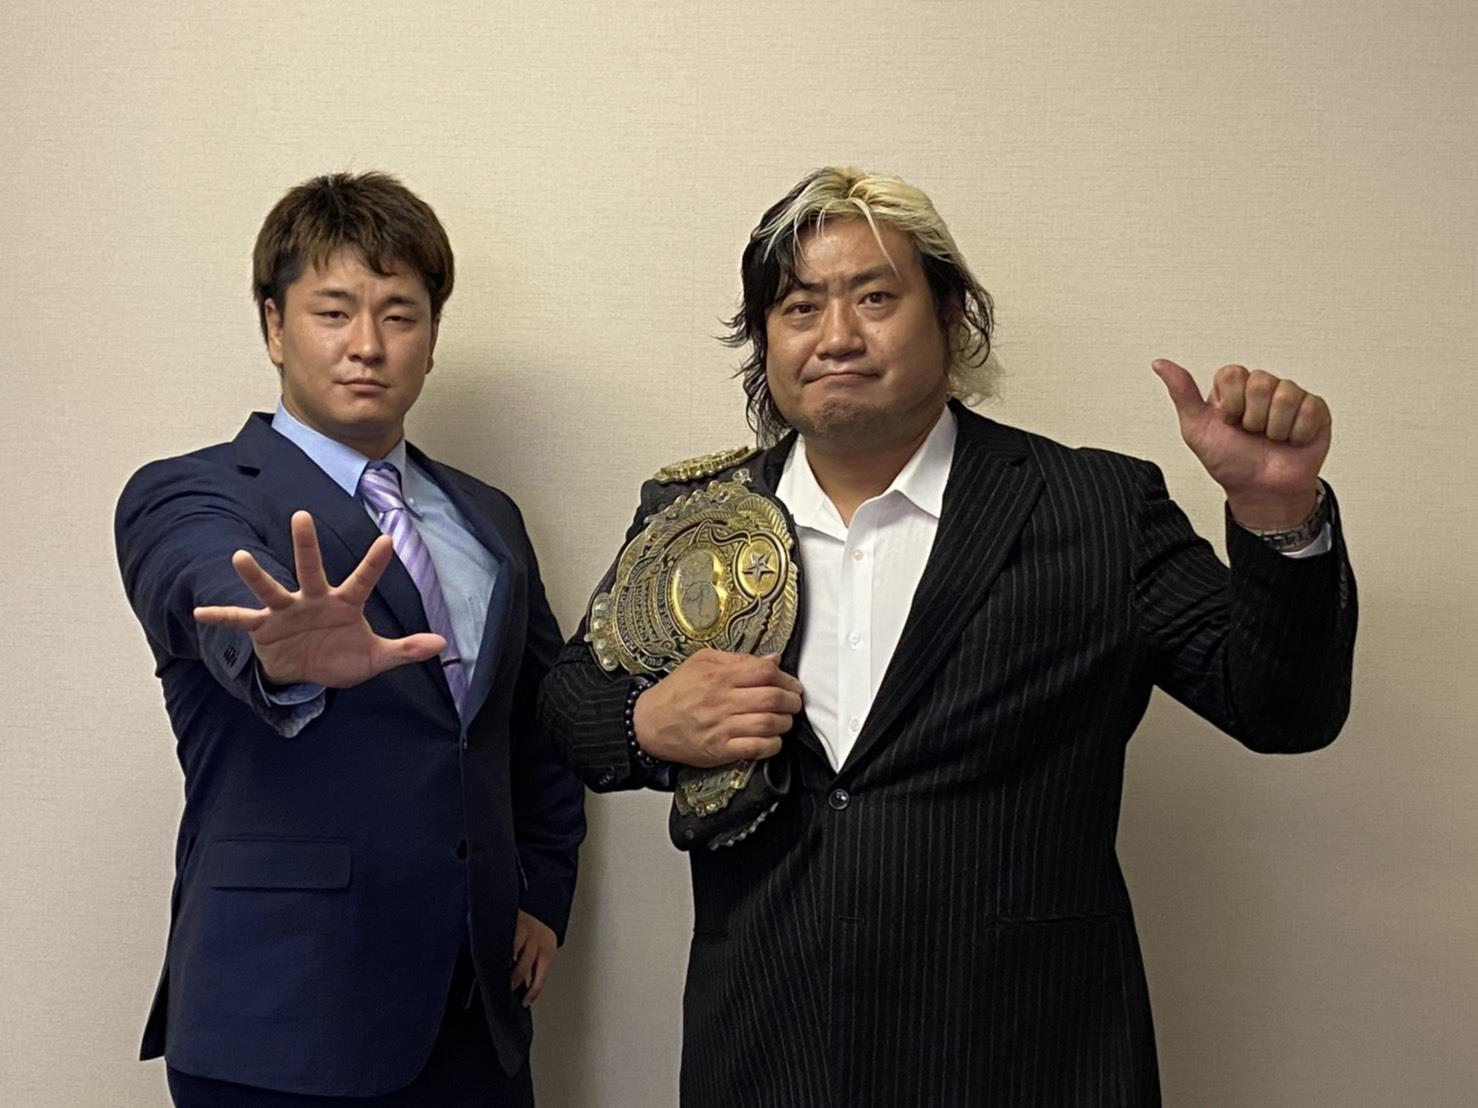 タッグ戦でベルトをかけた翌3日には、三冠ヘビー級のシングル戦で挑戦者・青柳優馬(左)と王者・諏訪魔(右)が再戦